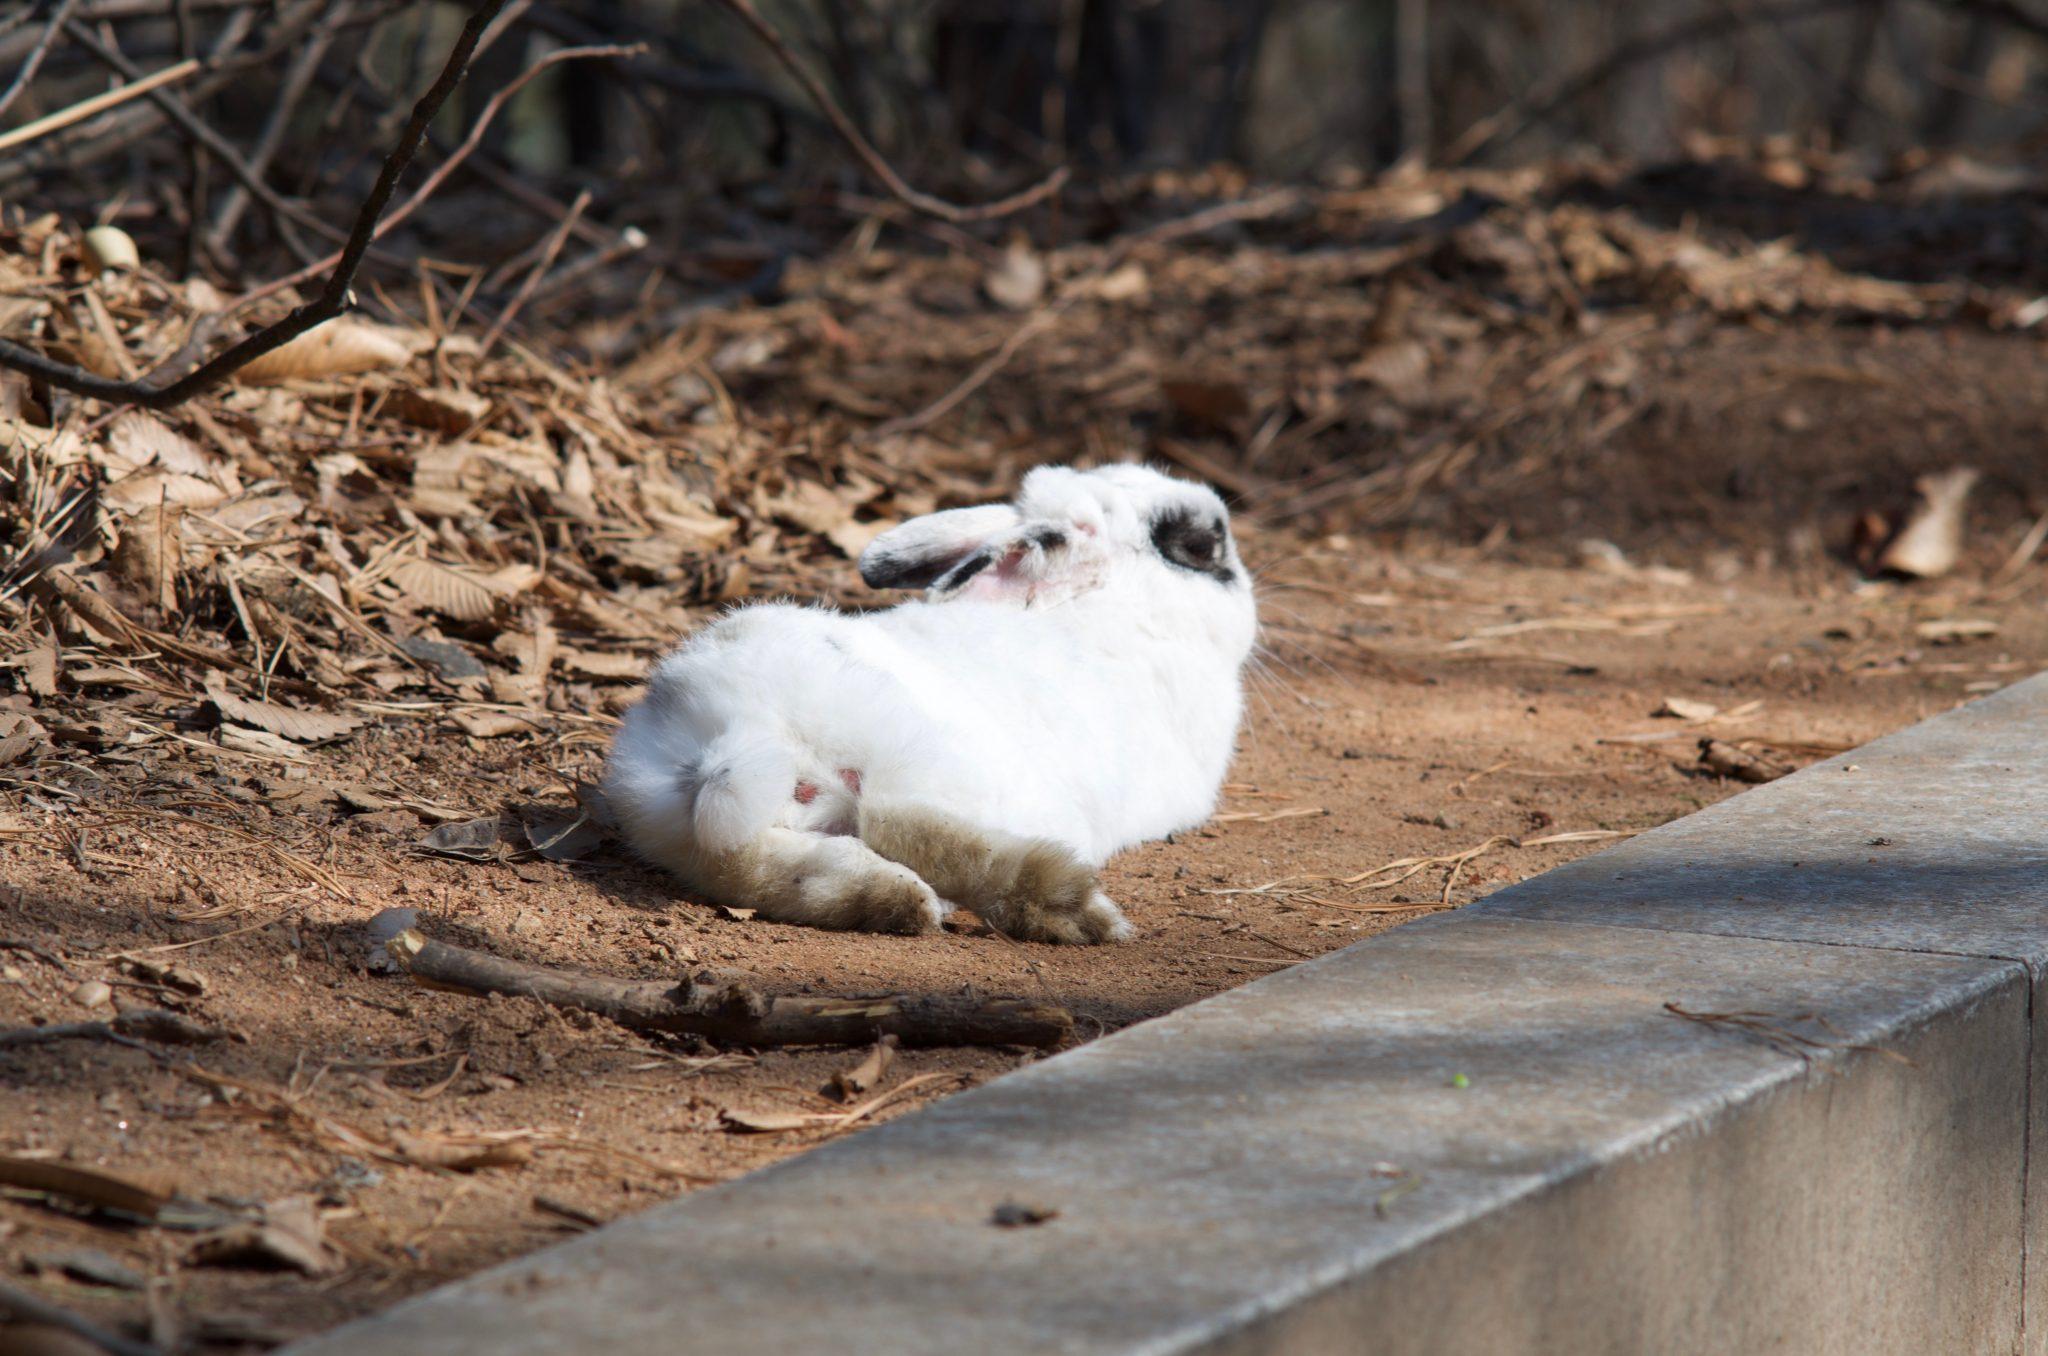 중앙공원 정상의 토끼